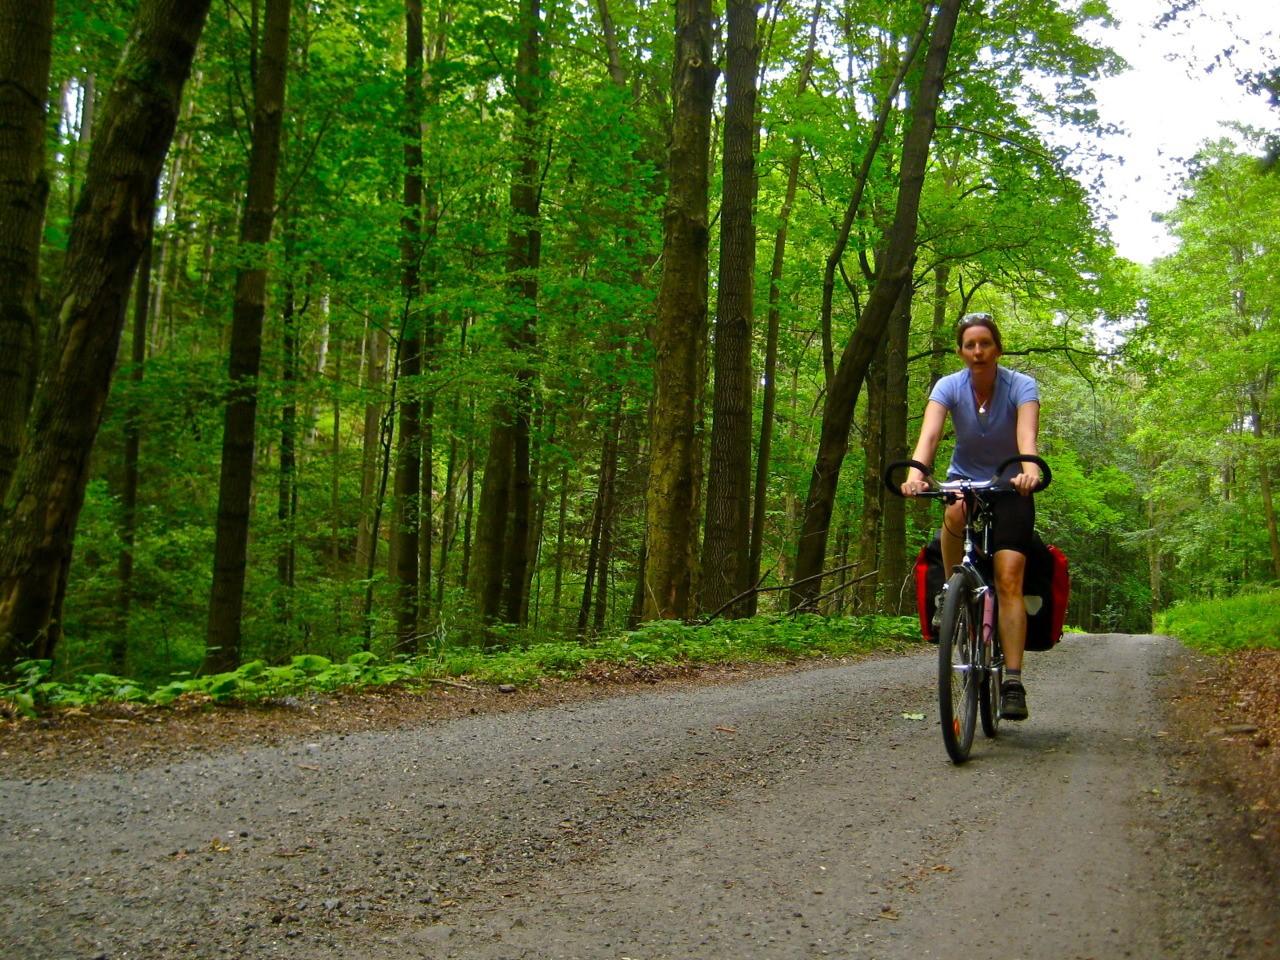 Du lịch bằng xe đạp và những chuẩn bị cần thiết